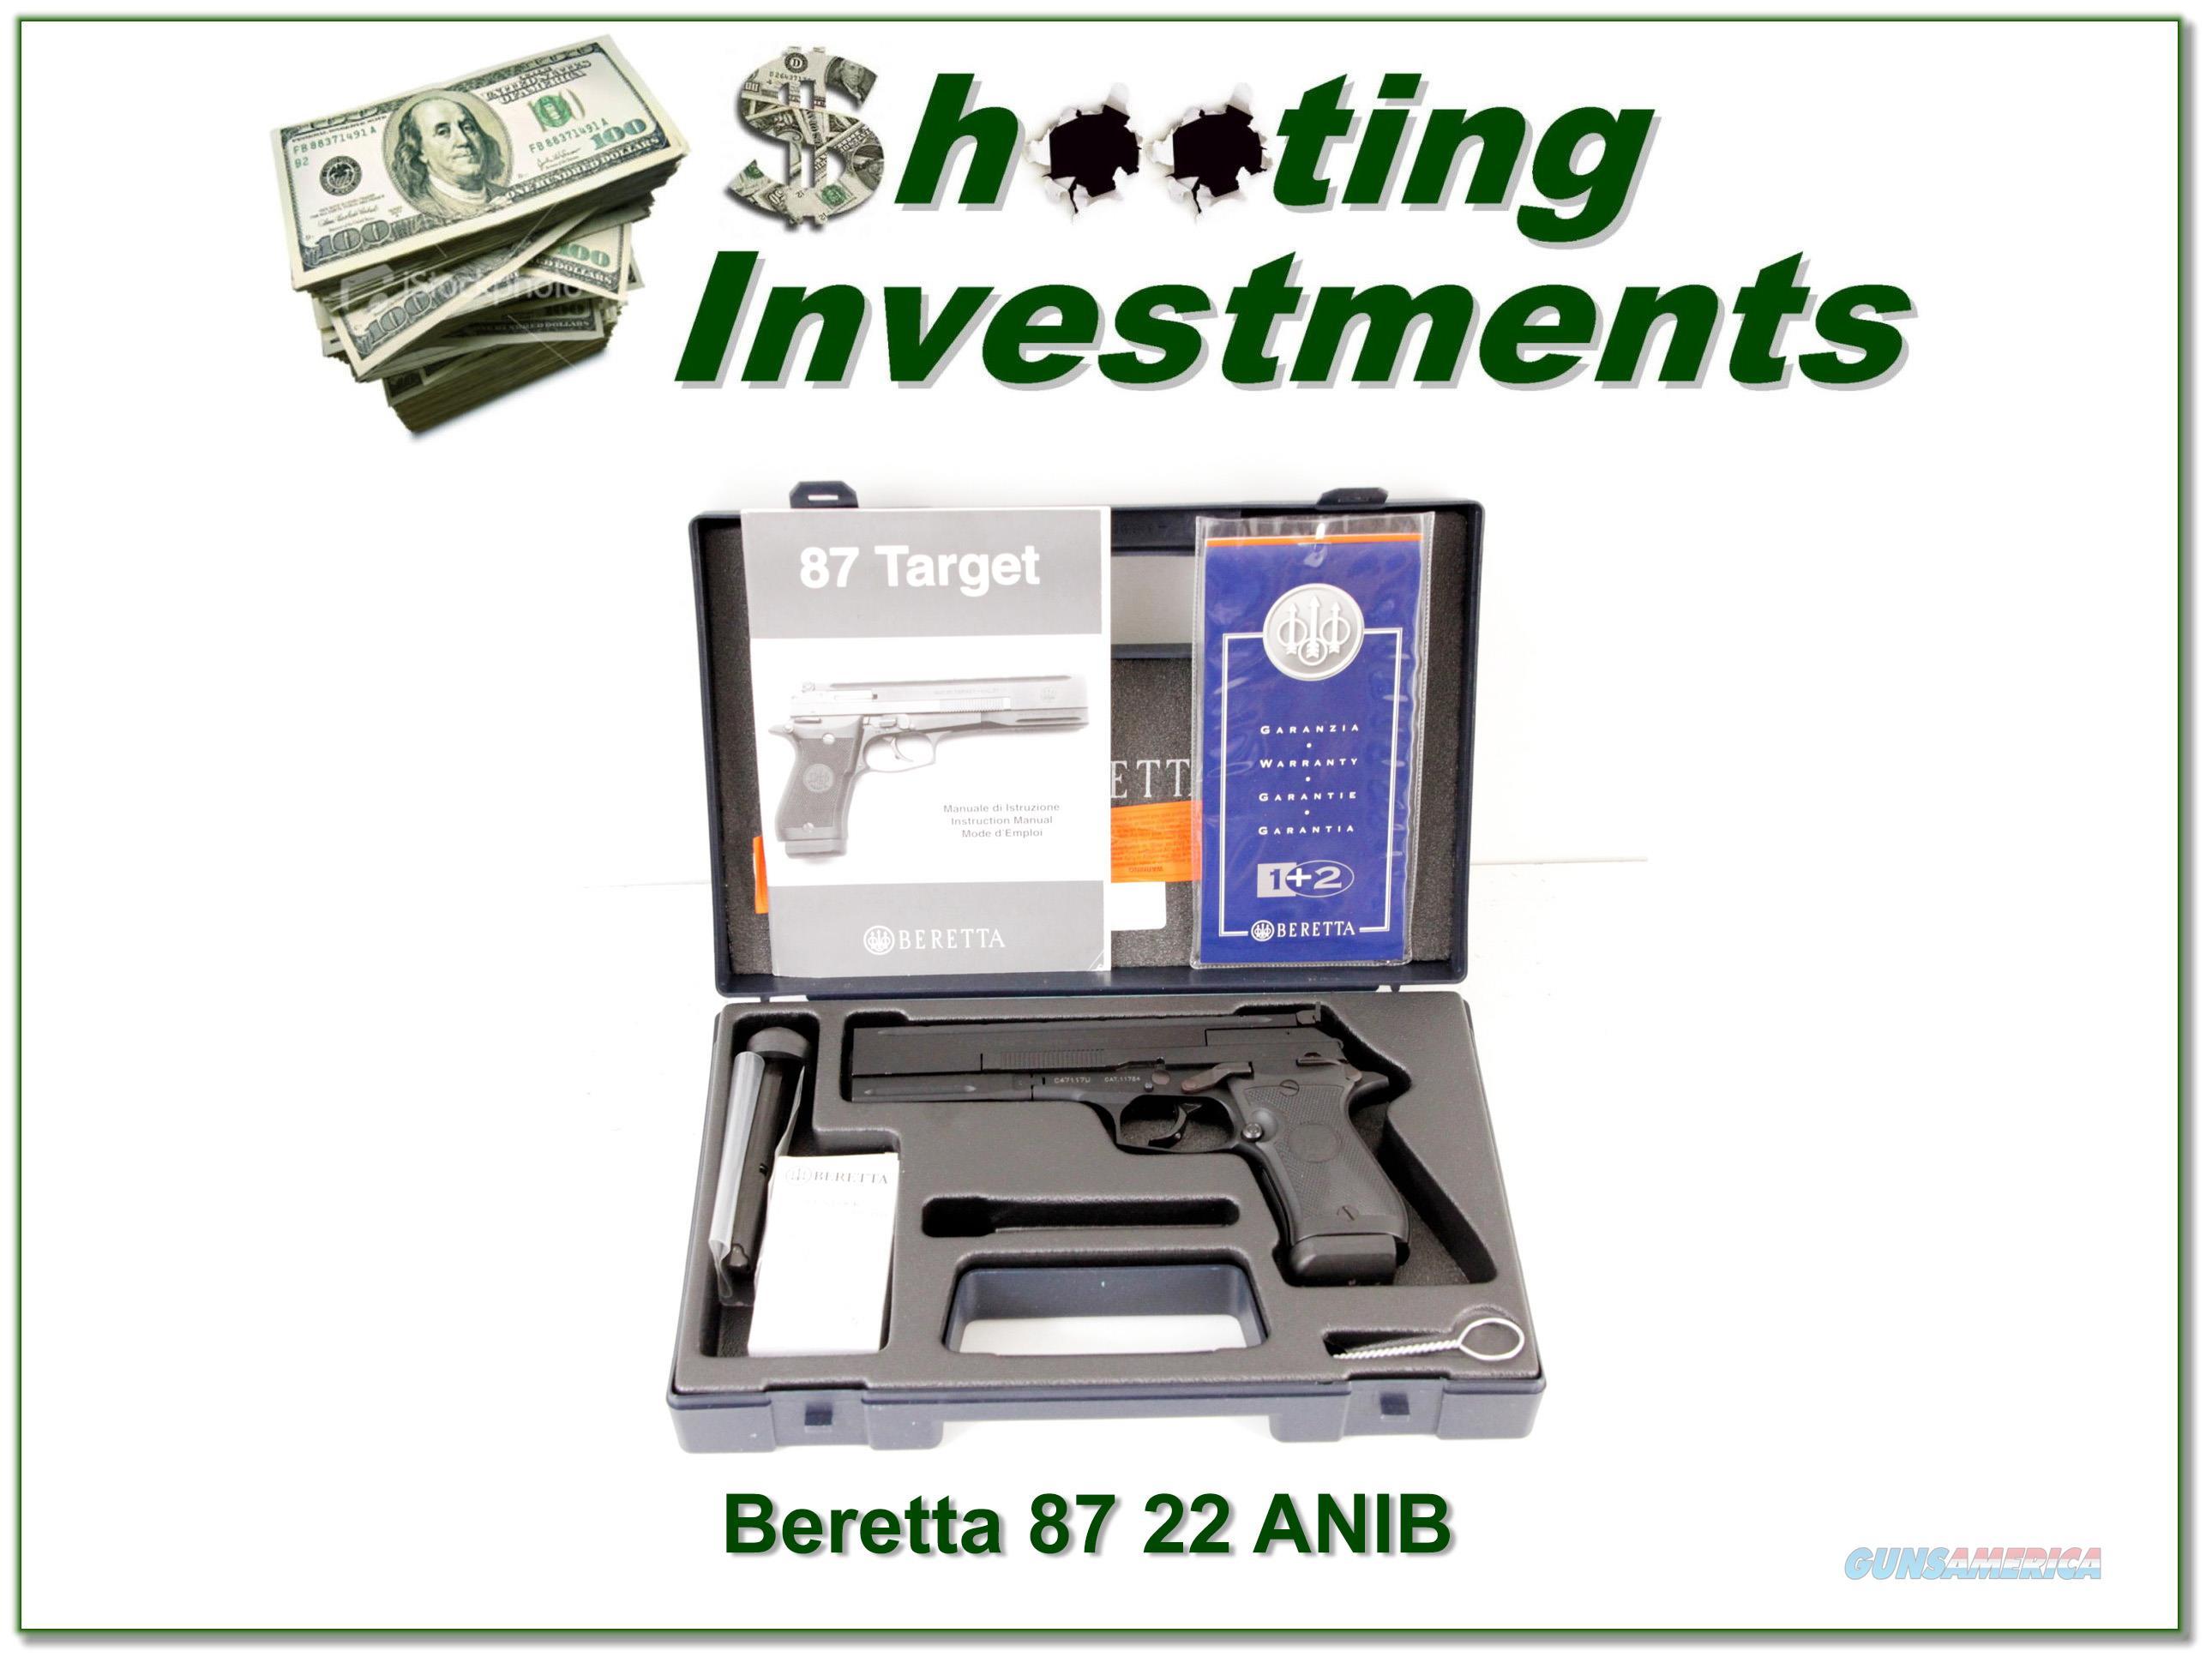 Beretta 87 TARGET 22 LR Pistol NIB  Guns > Pistols > Beretta Pistols > Polymer Frame